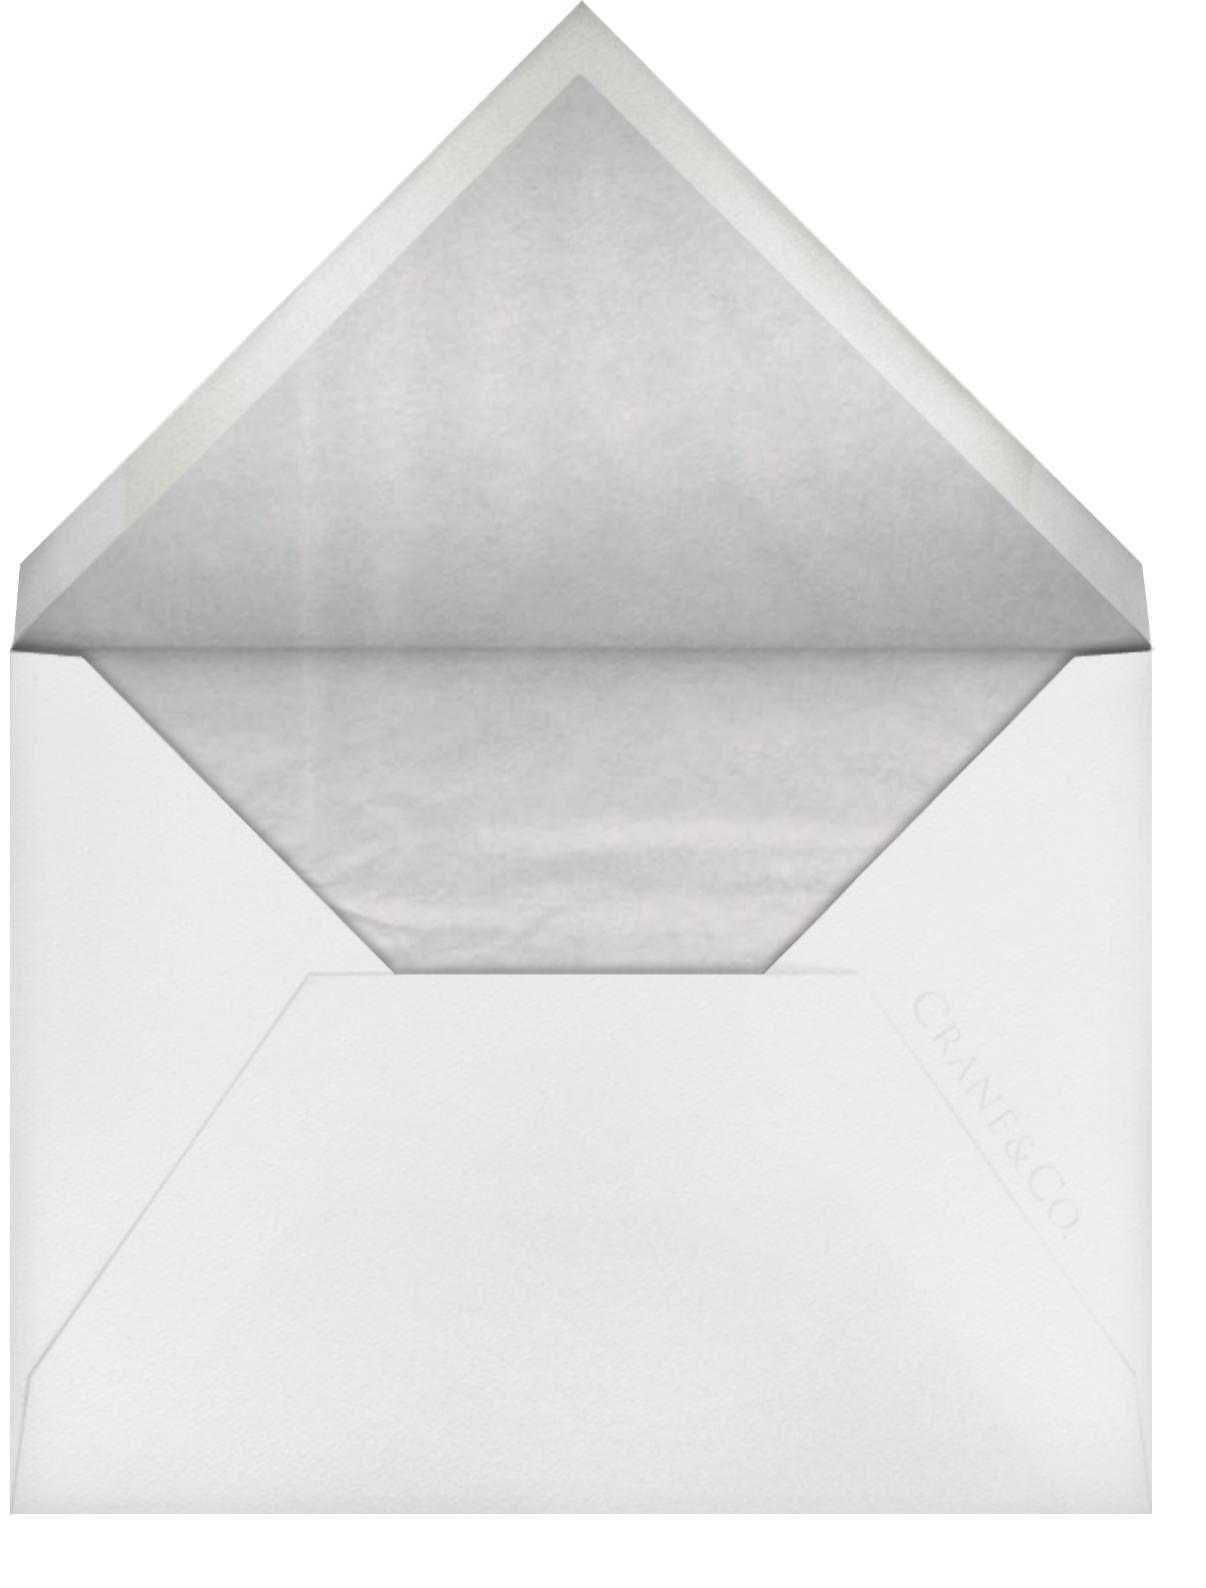 Burano - Platinum - Crane & Co. - All - envelope back